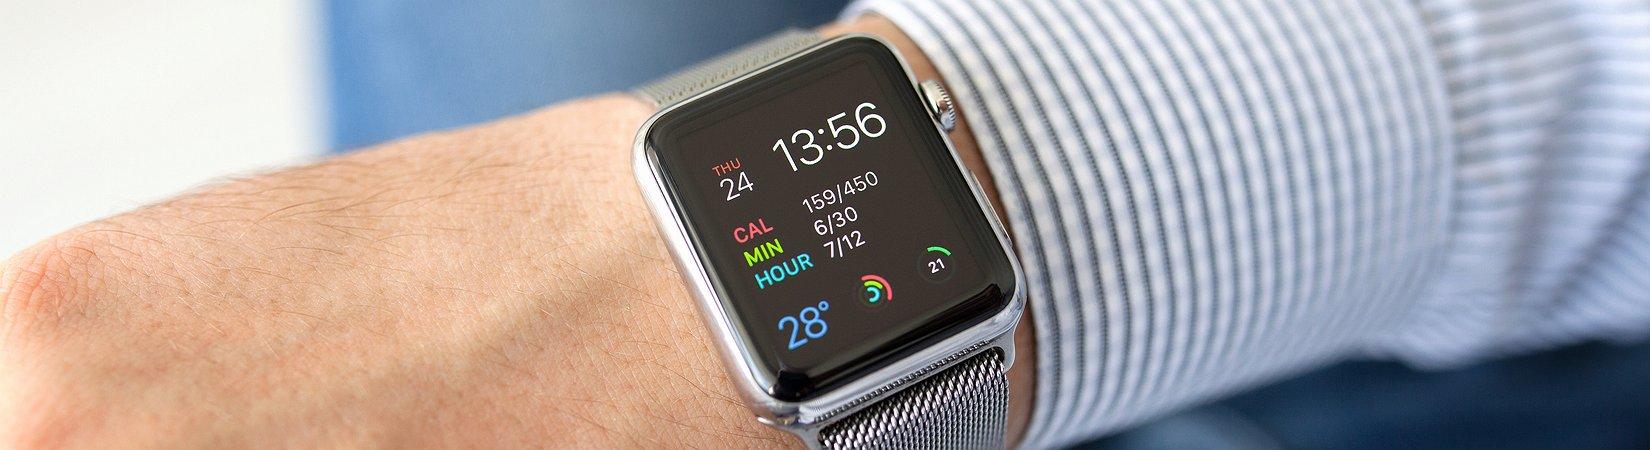 ¿Por qué deberías darle otra oportunidad al Apple Watch?